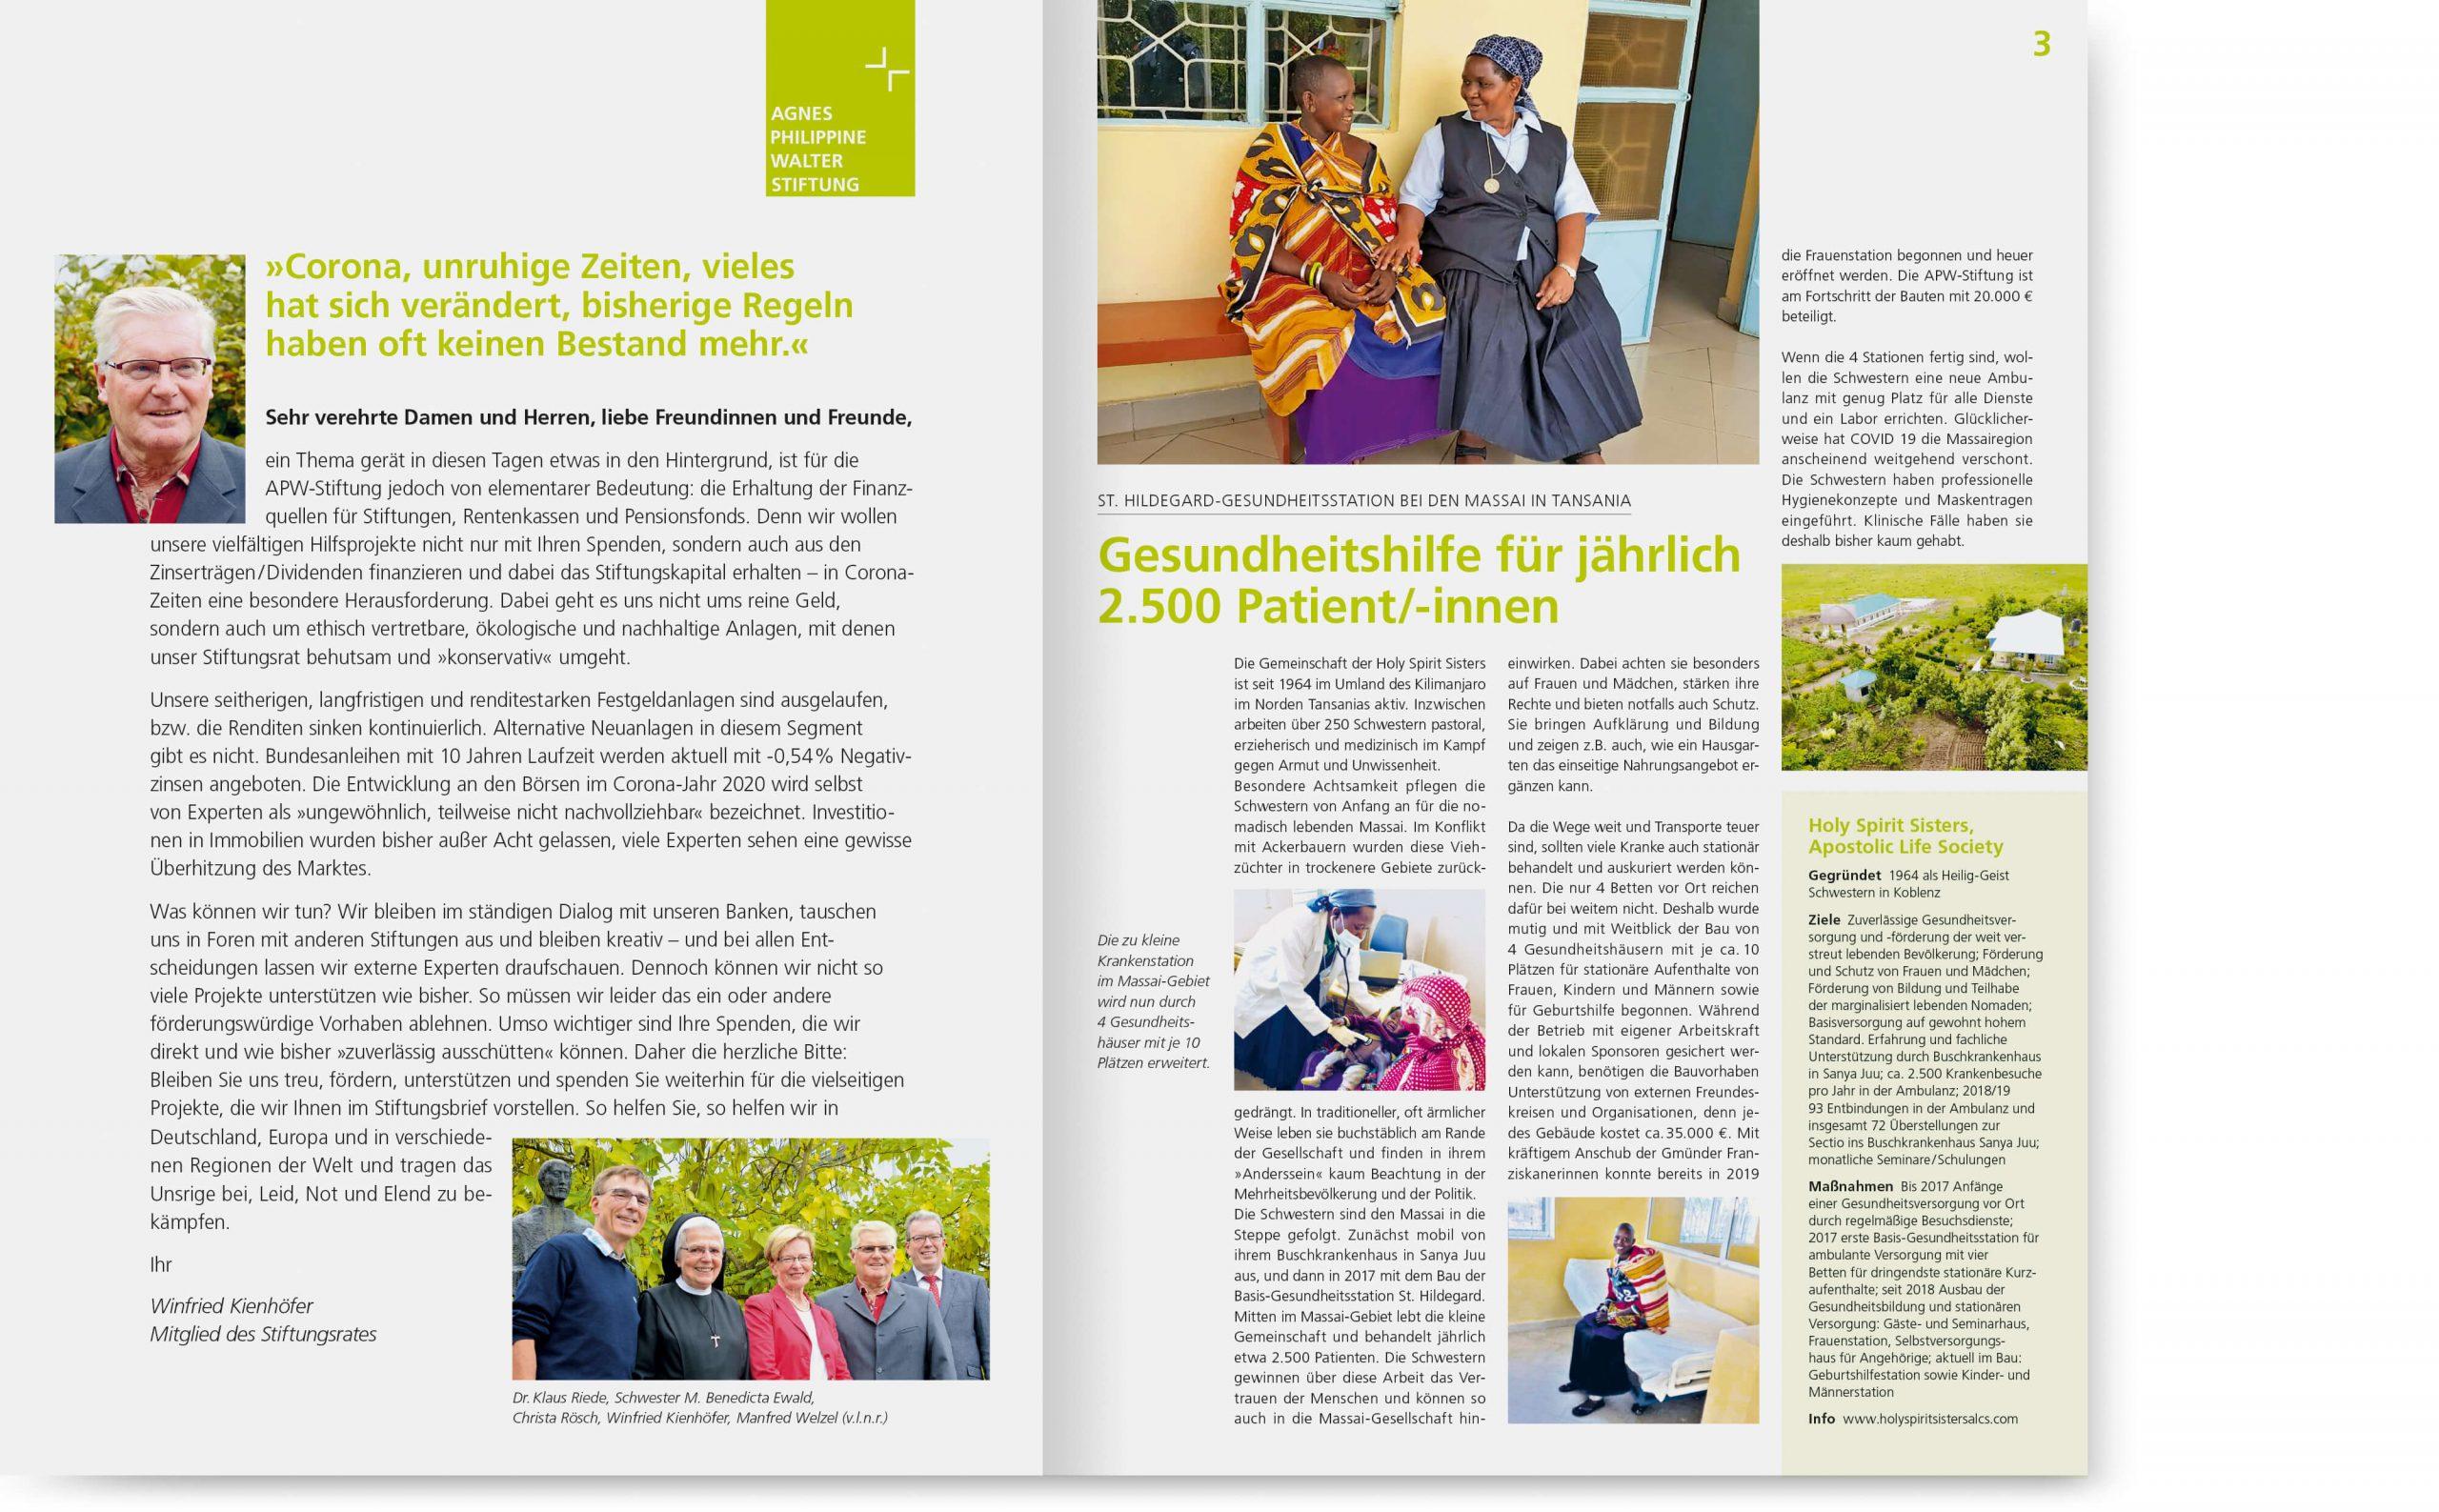 fh-web-APWS-Stiftungsbrief-2020-2-scaled.jpg